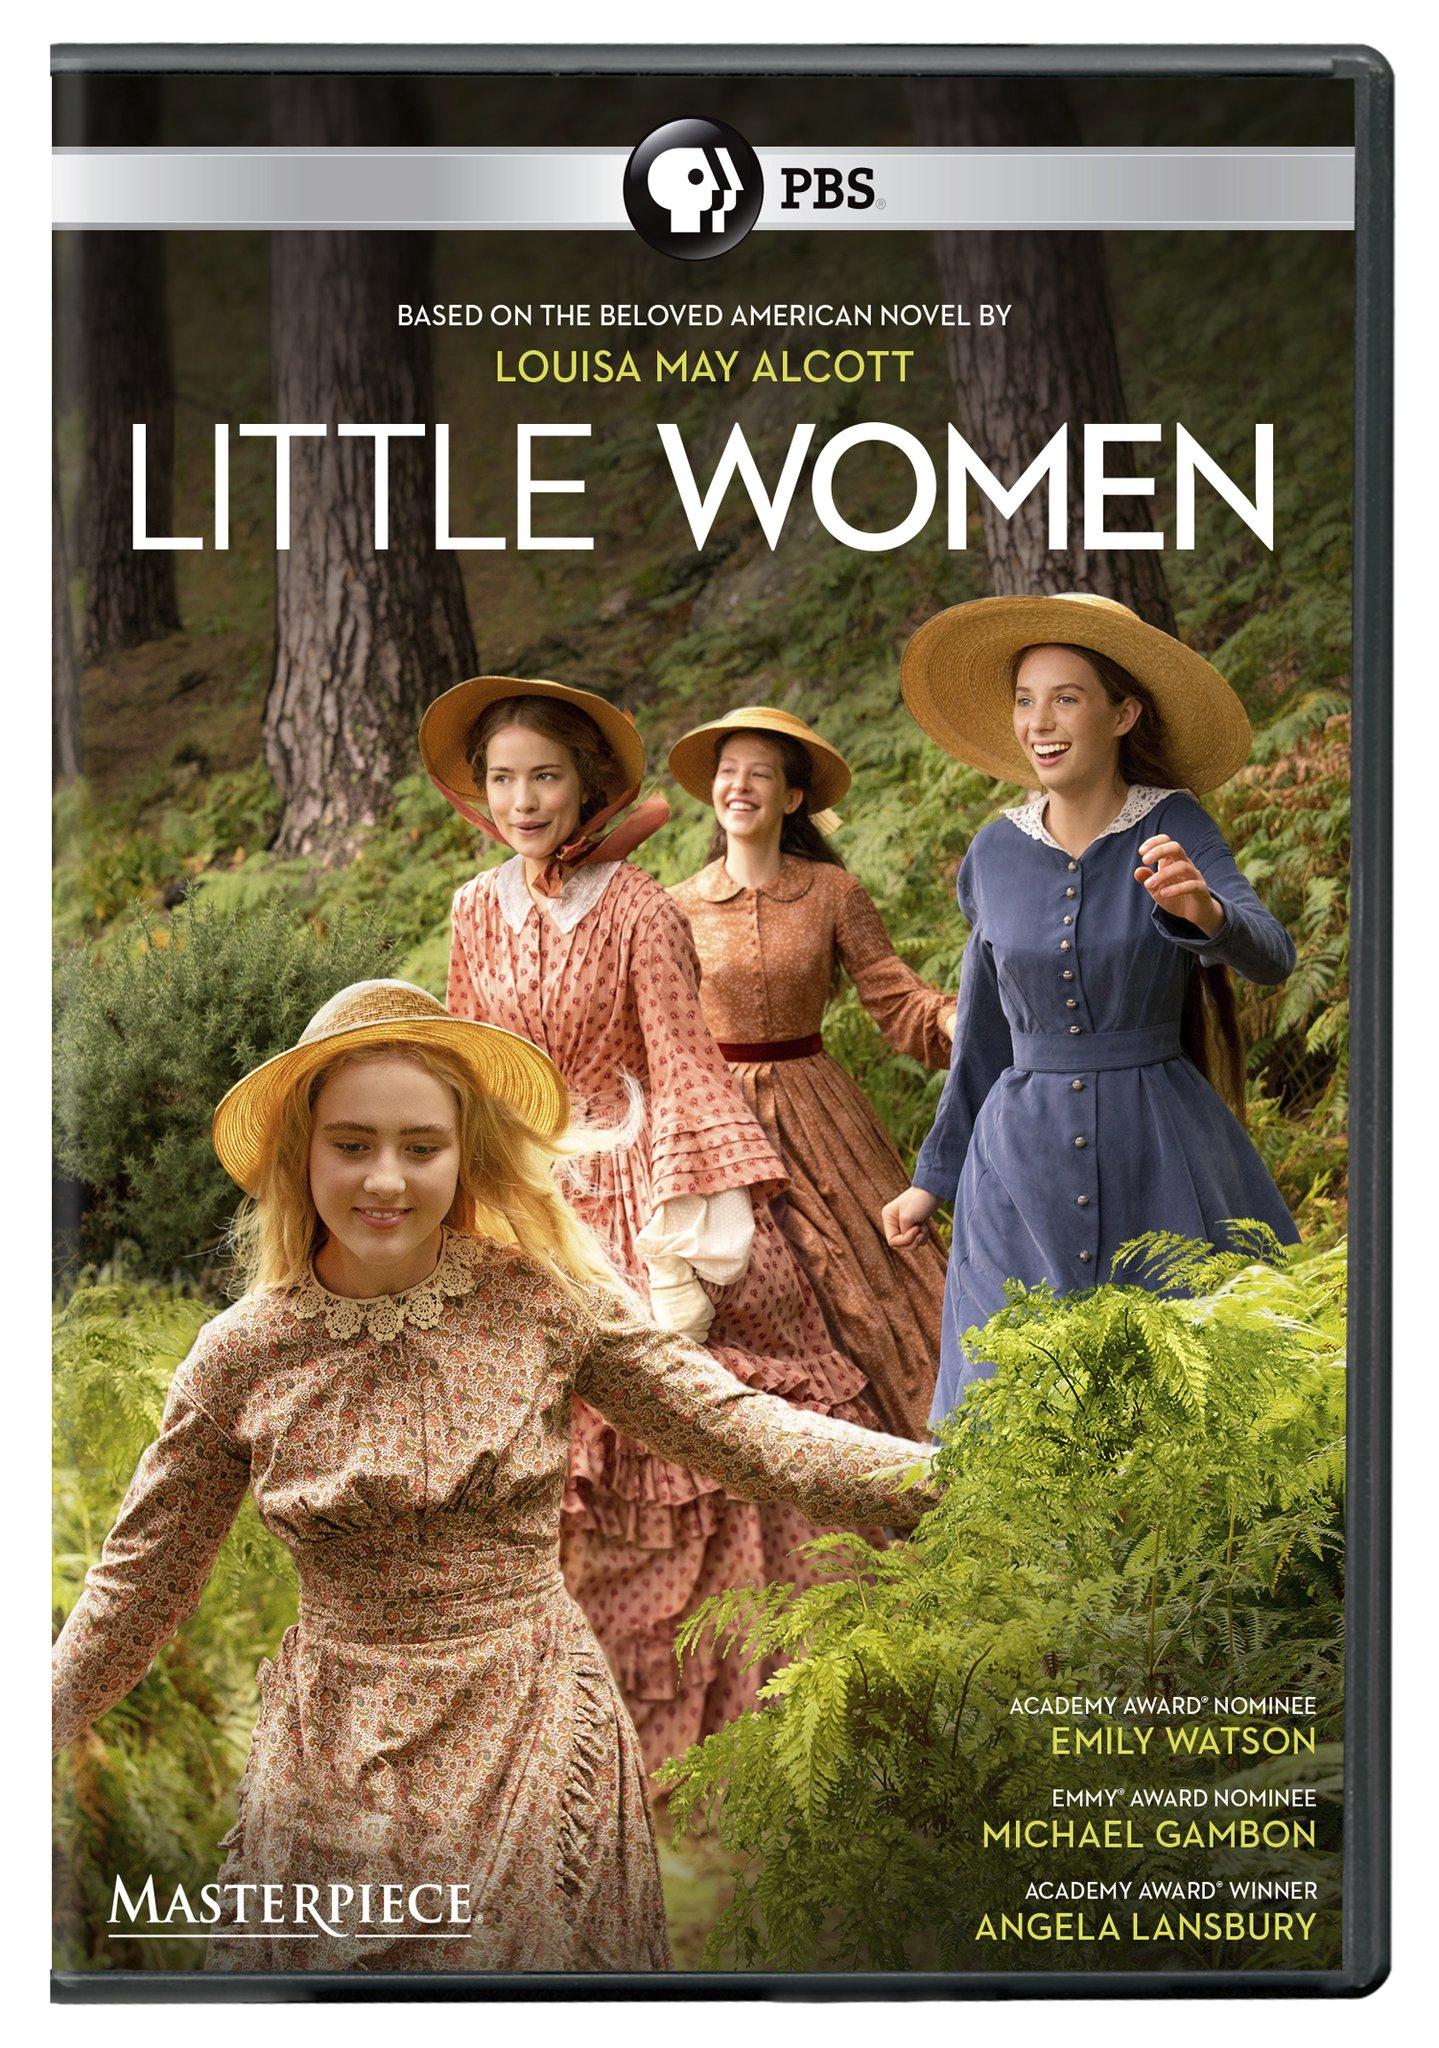 Book Cover: Masterpiece: Little Women